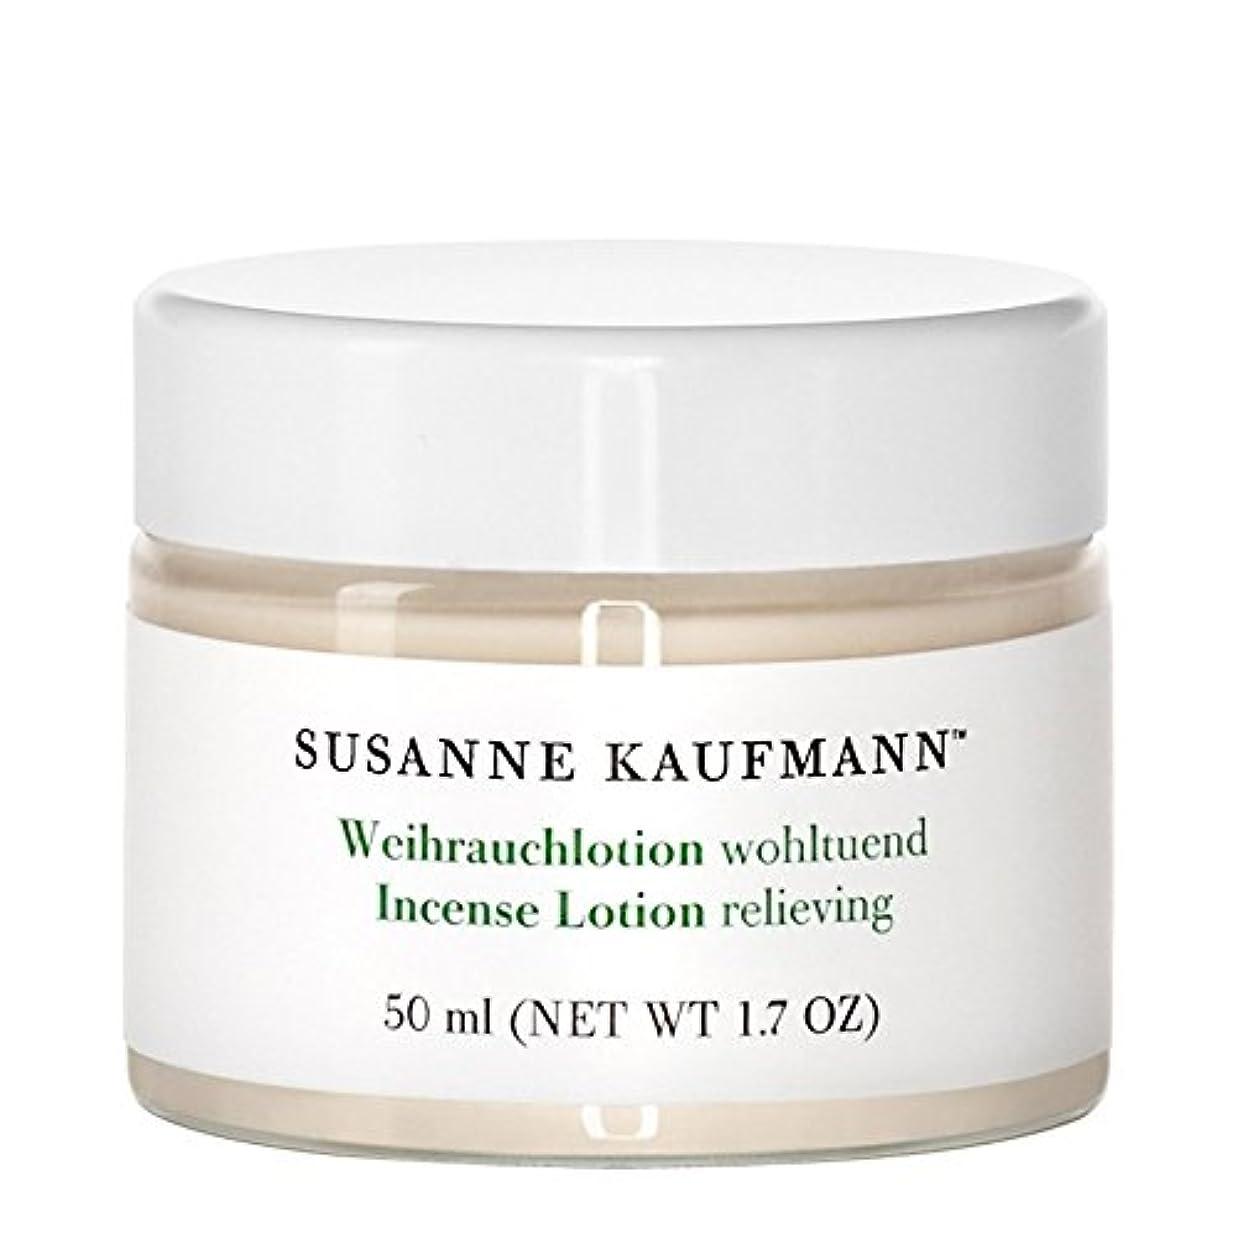 植物学者意見懲戒Susanne Kaufmann Incense Lotion 50ml - スザンヌカウフマン香ローション50ミリリットル [並行輸入品]